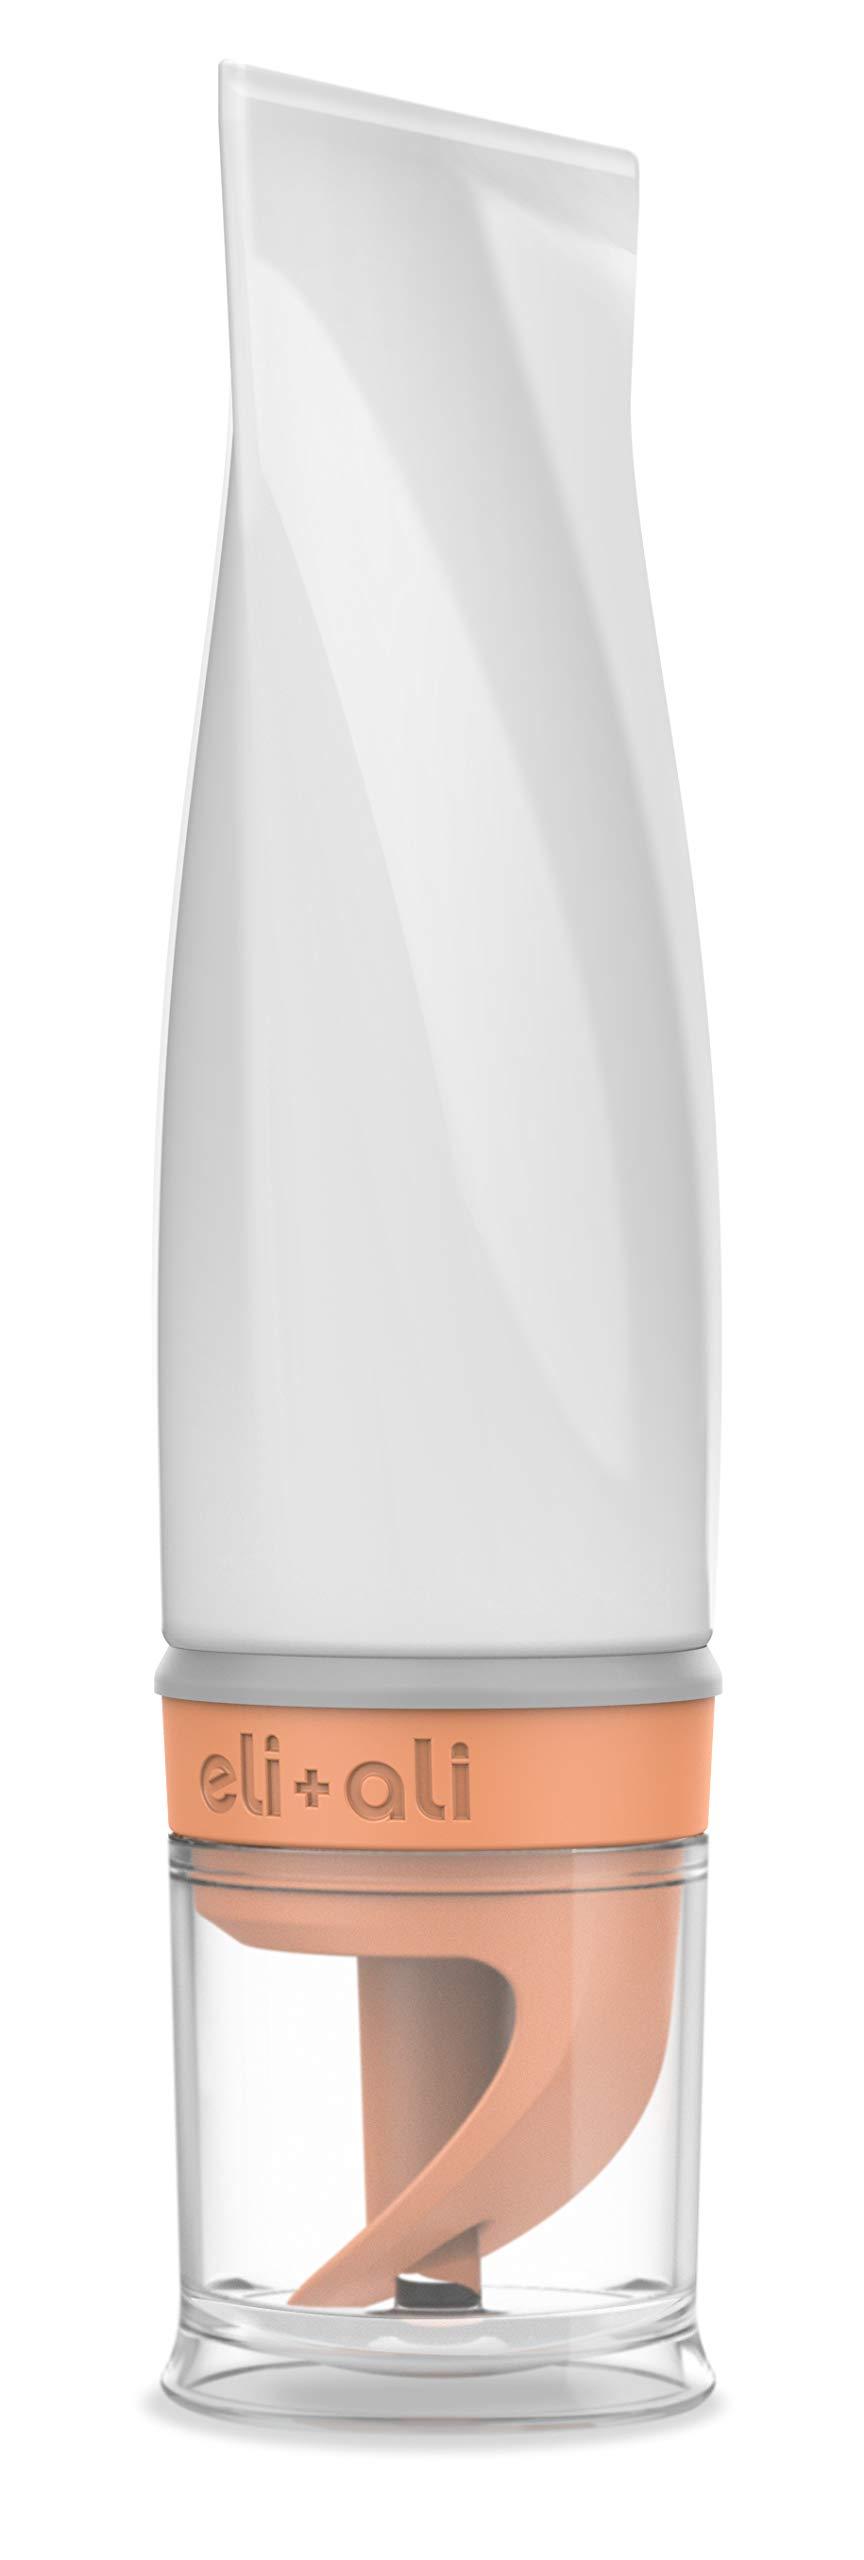 Tush Swiper - Type B | Diaper Cream Dispenser Applicator Brush (for Boudreaux's, Desitin, etc.)